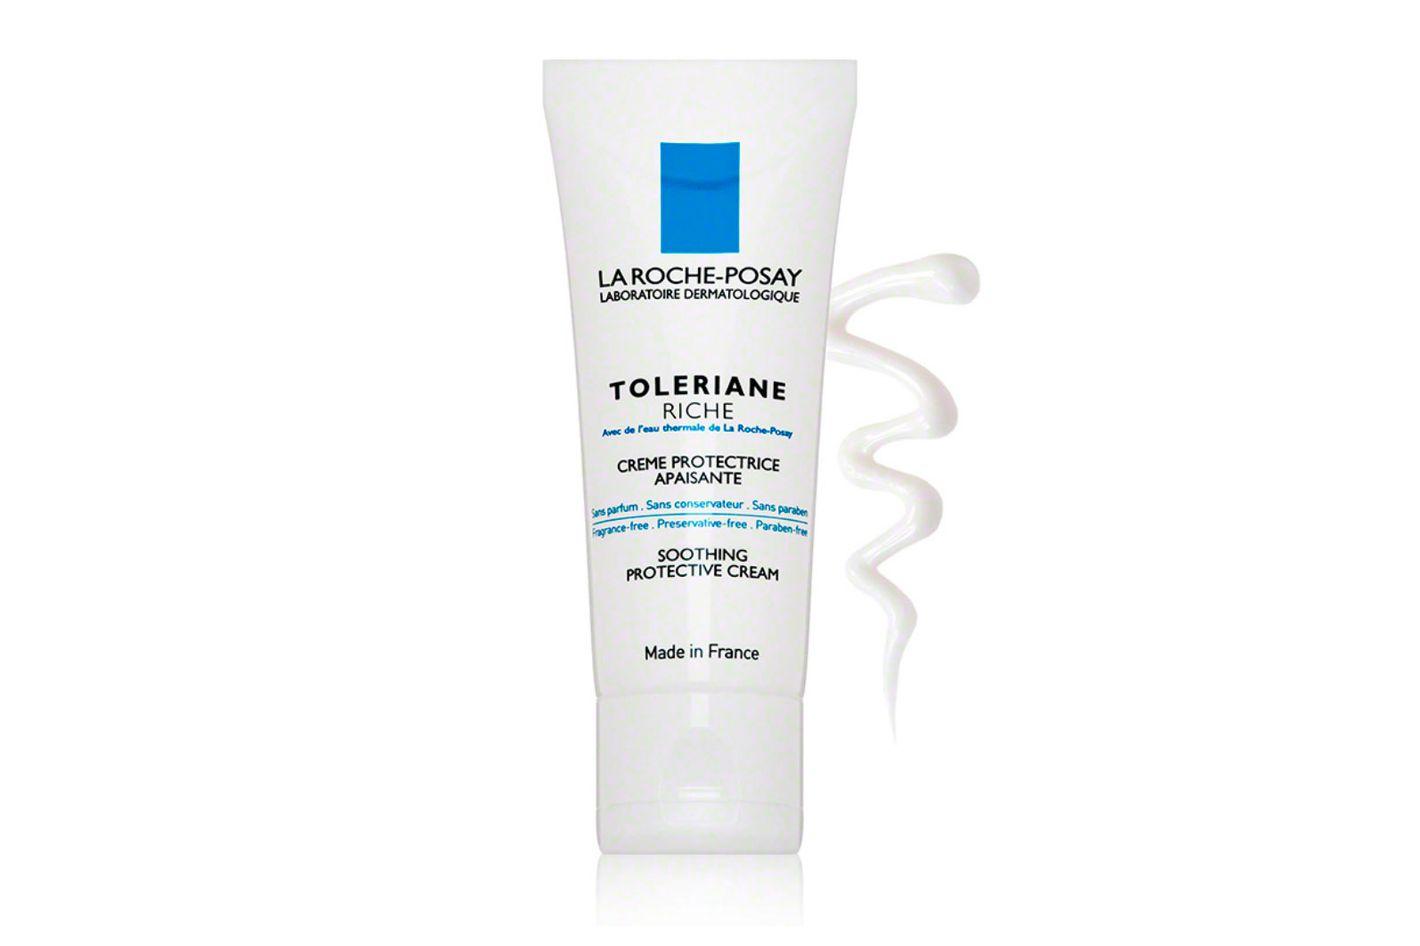 La Roche-Posay Toleriane Riche Cream